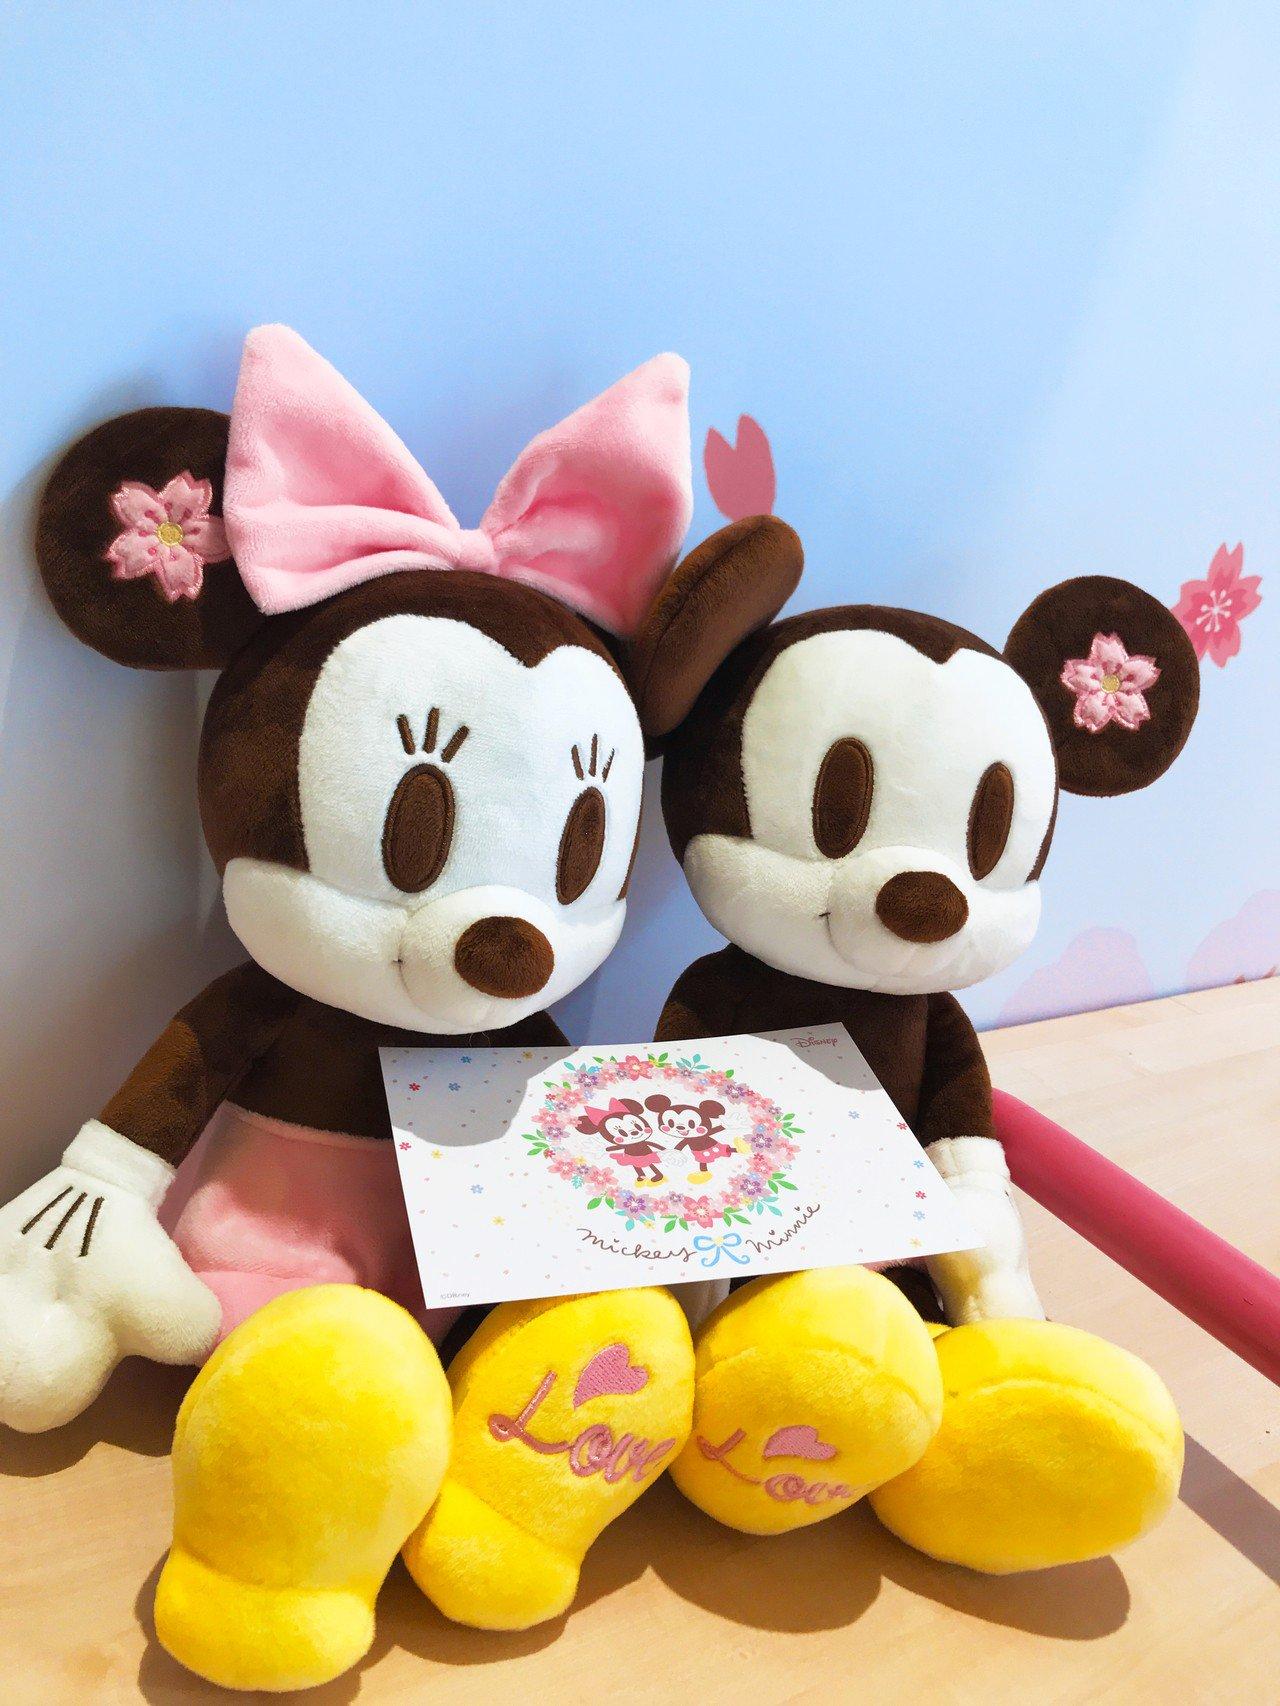 櫻花季限定版米妮與米奇絨毛玩偶,各899元。記者江佩君/攝影